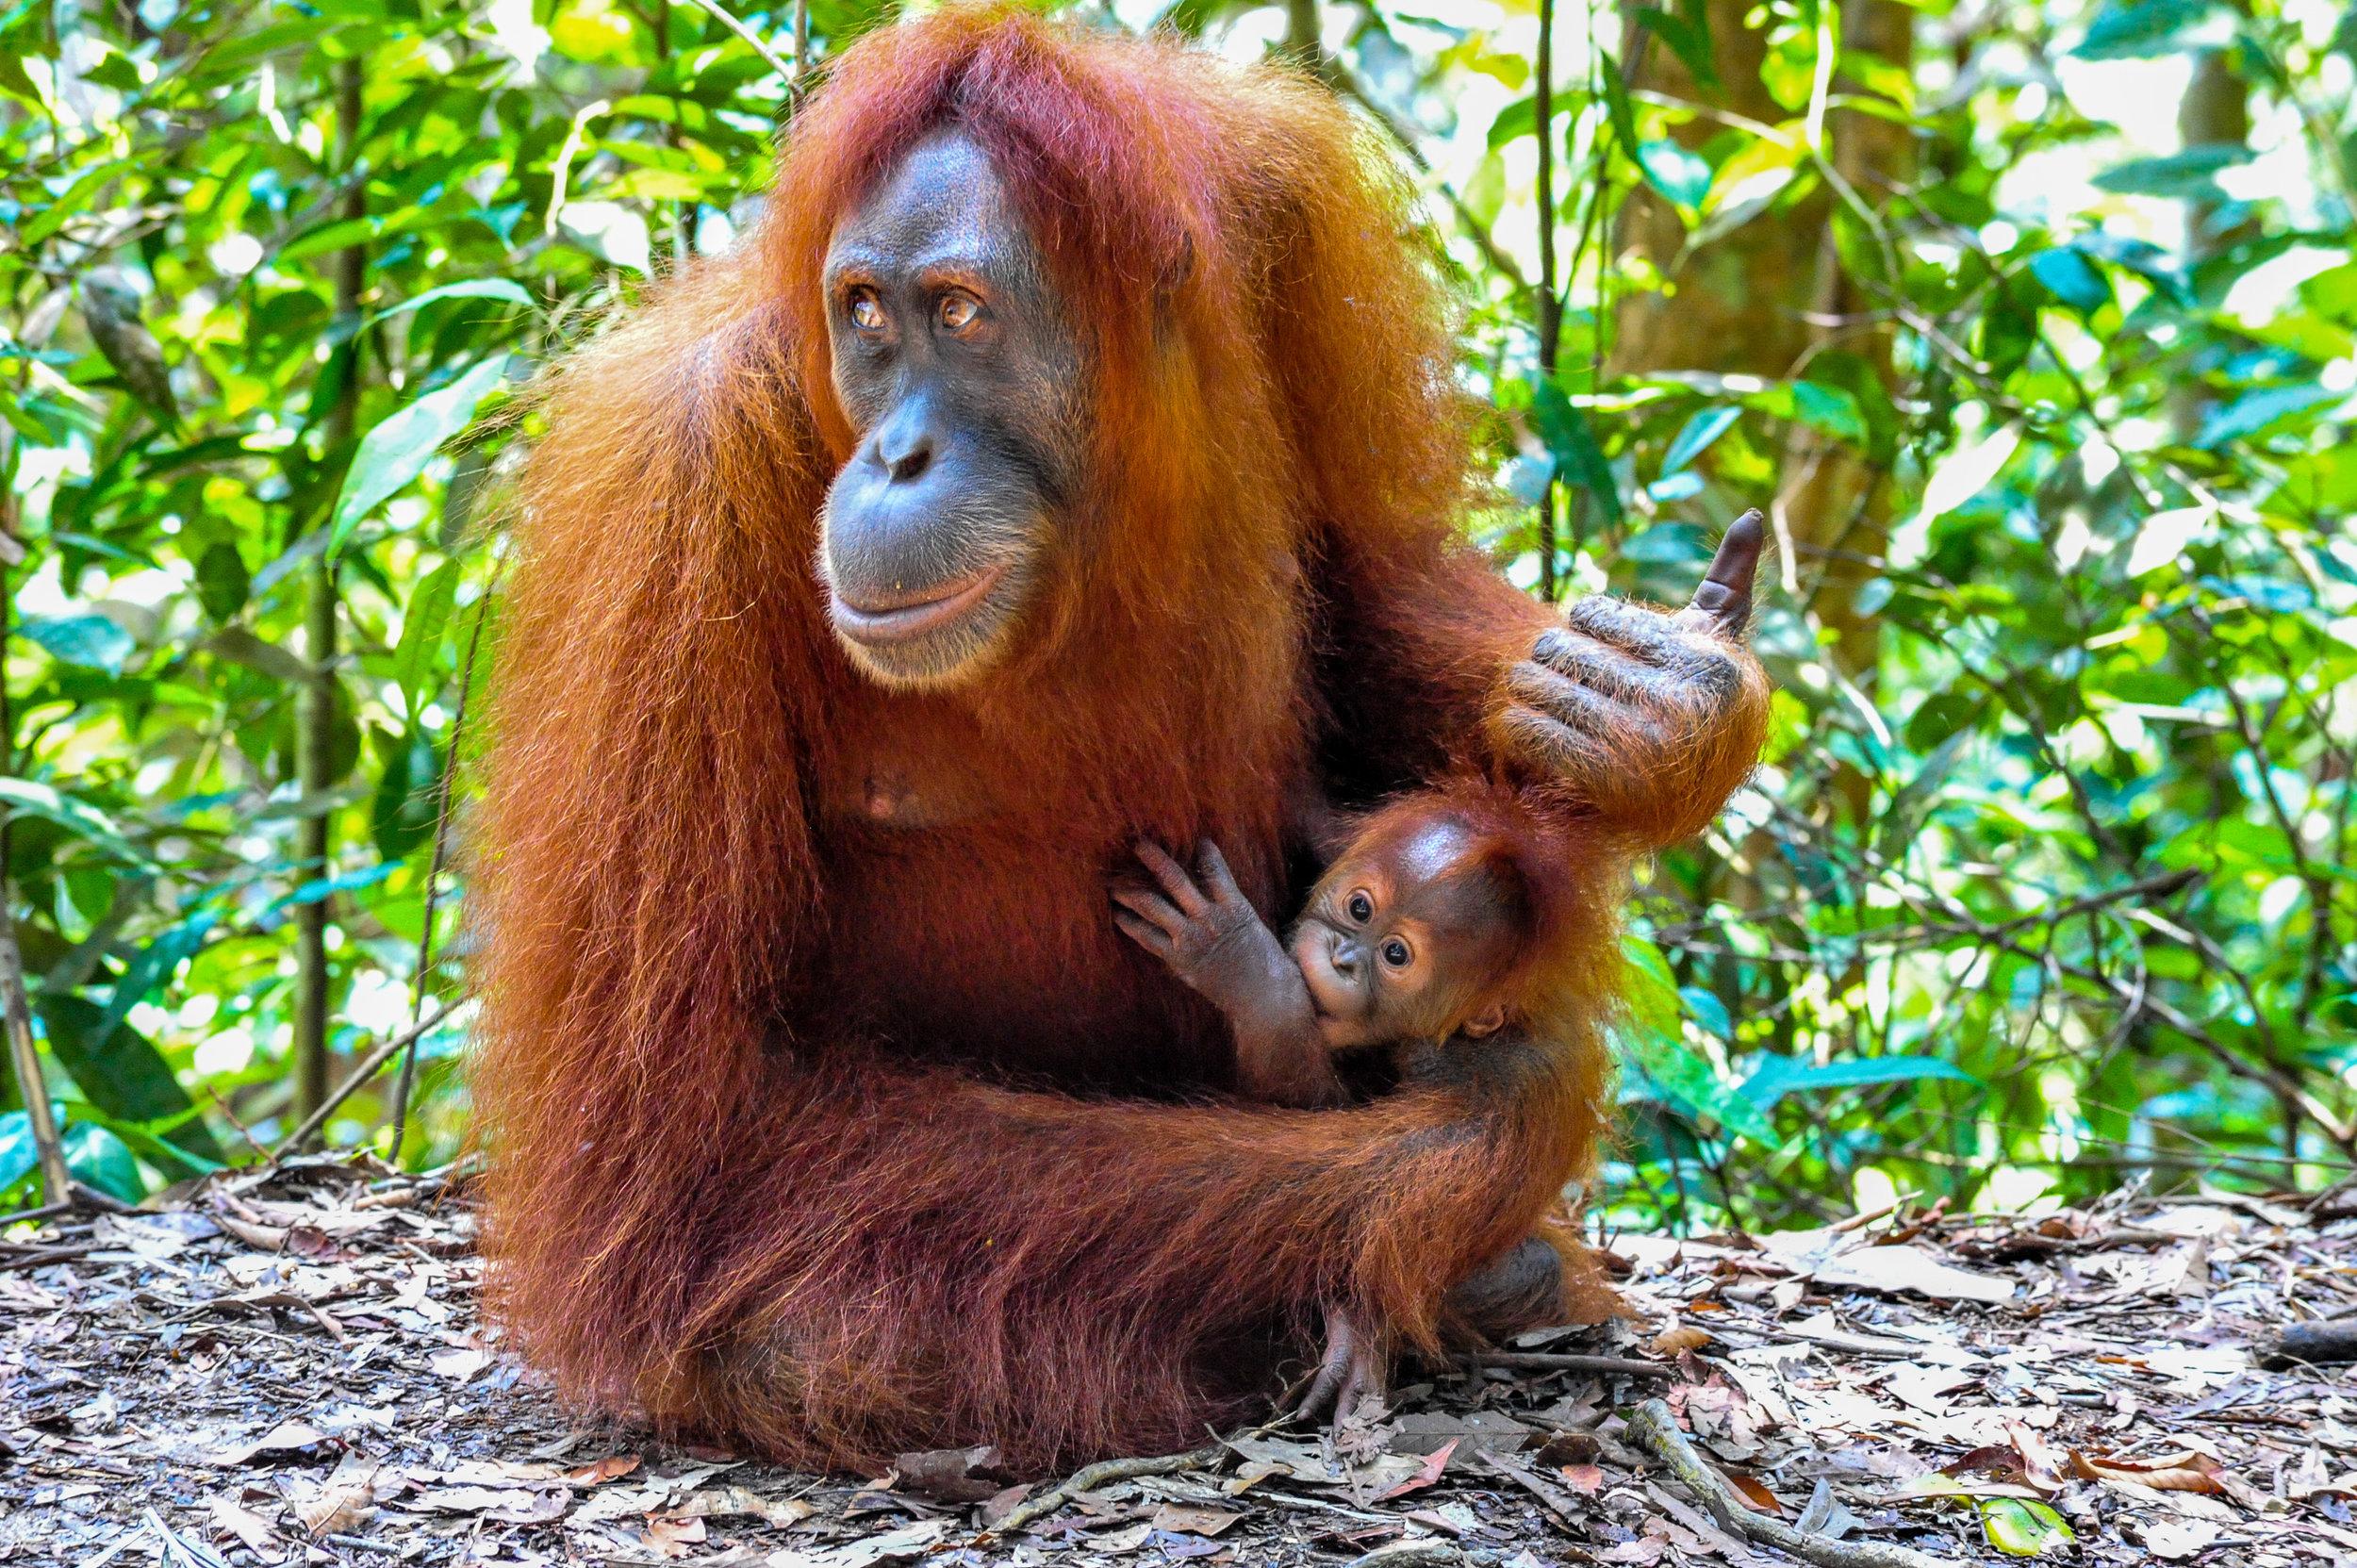 Mother Sumatran Orangutan with her baby